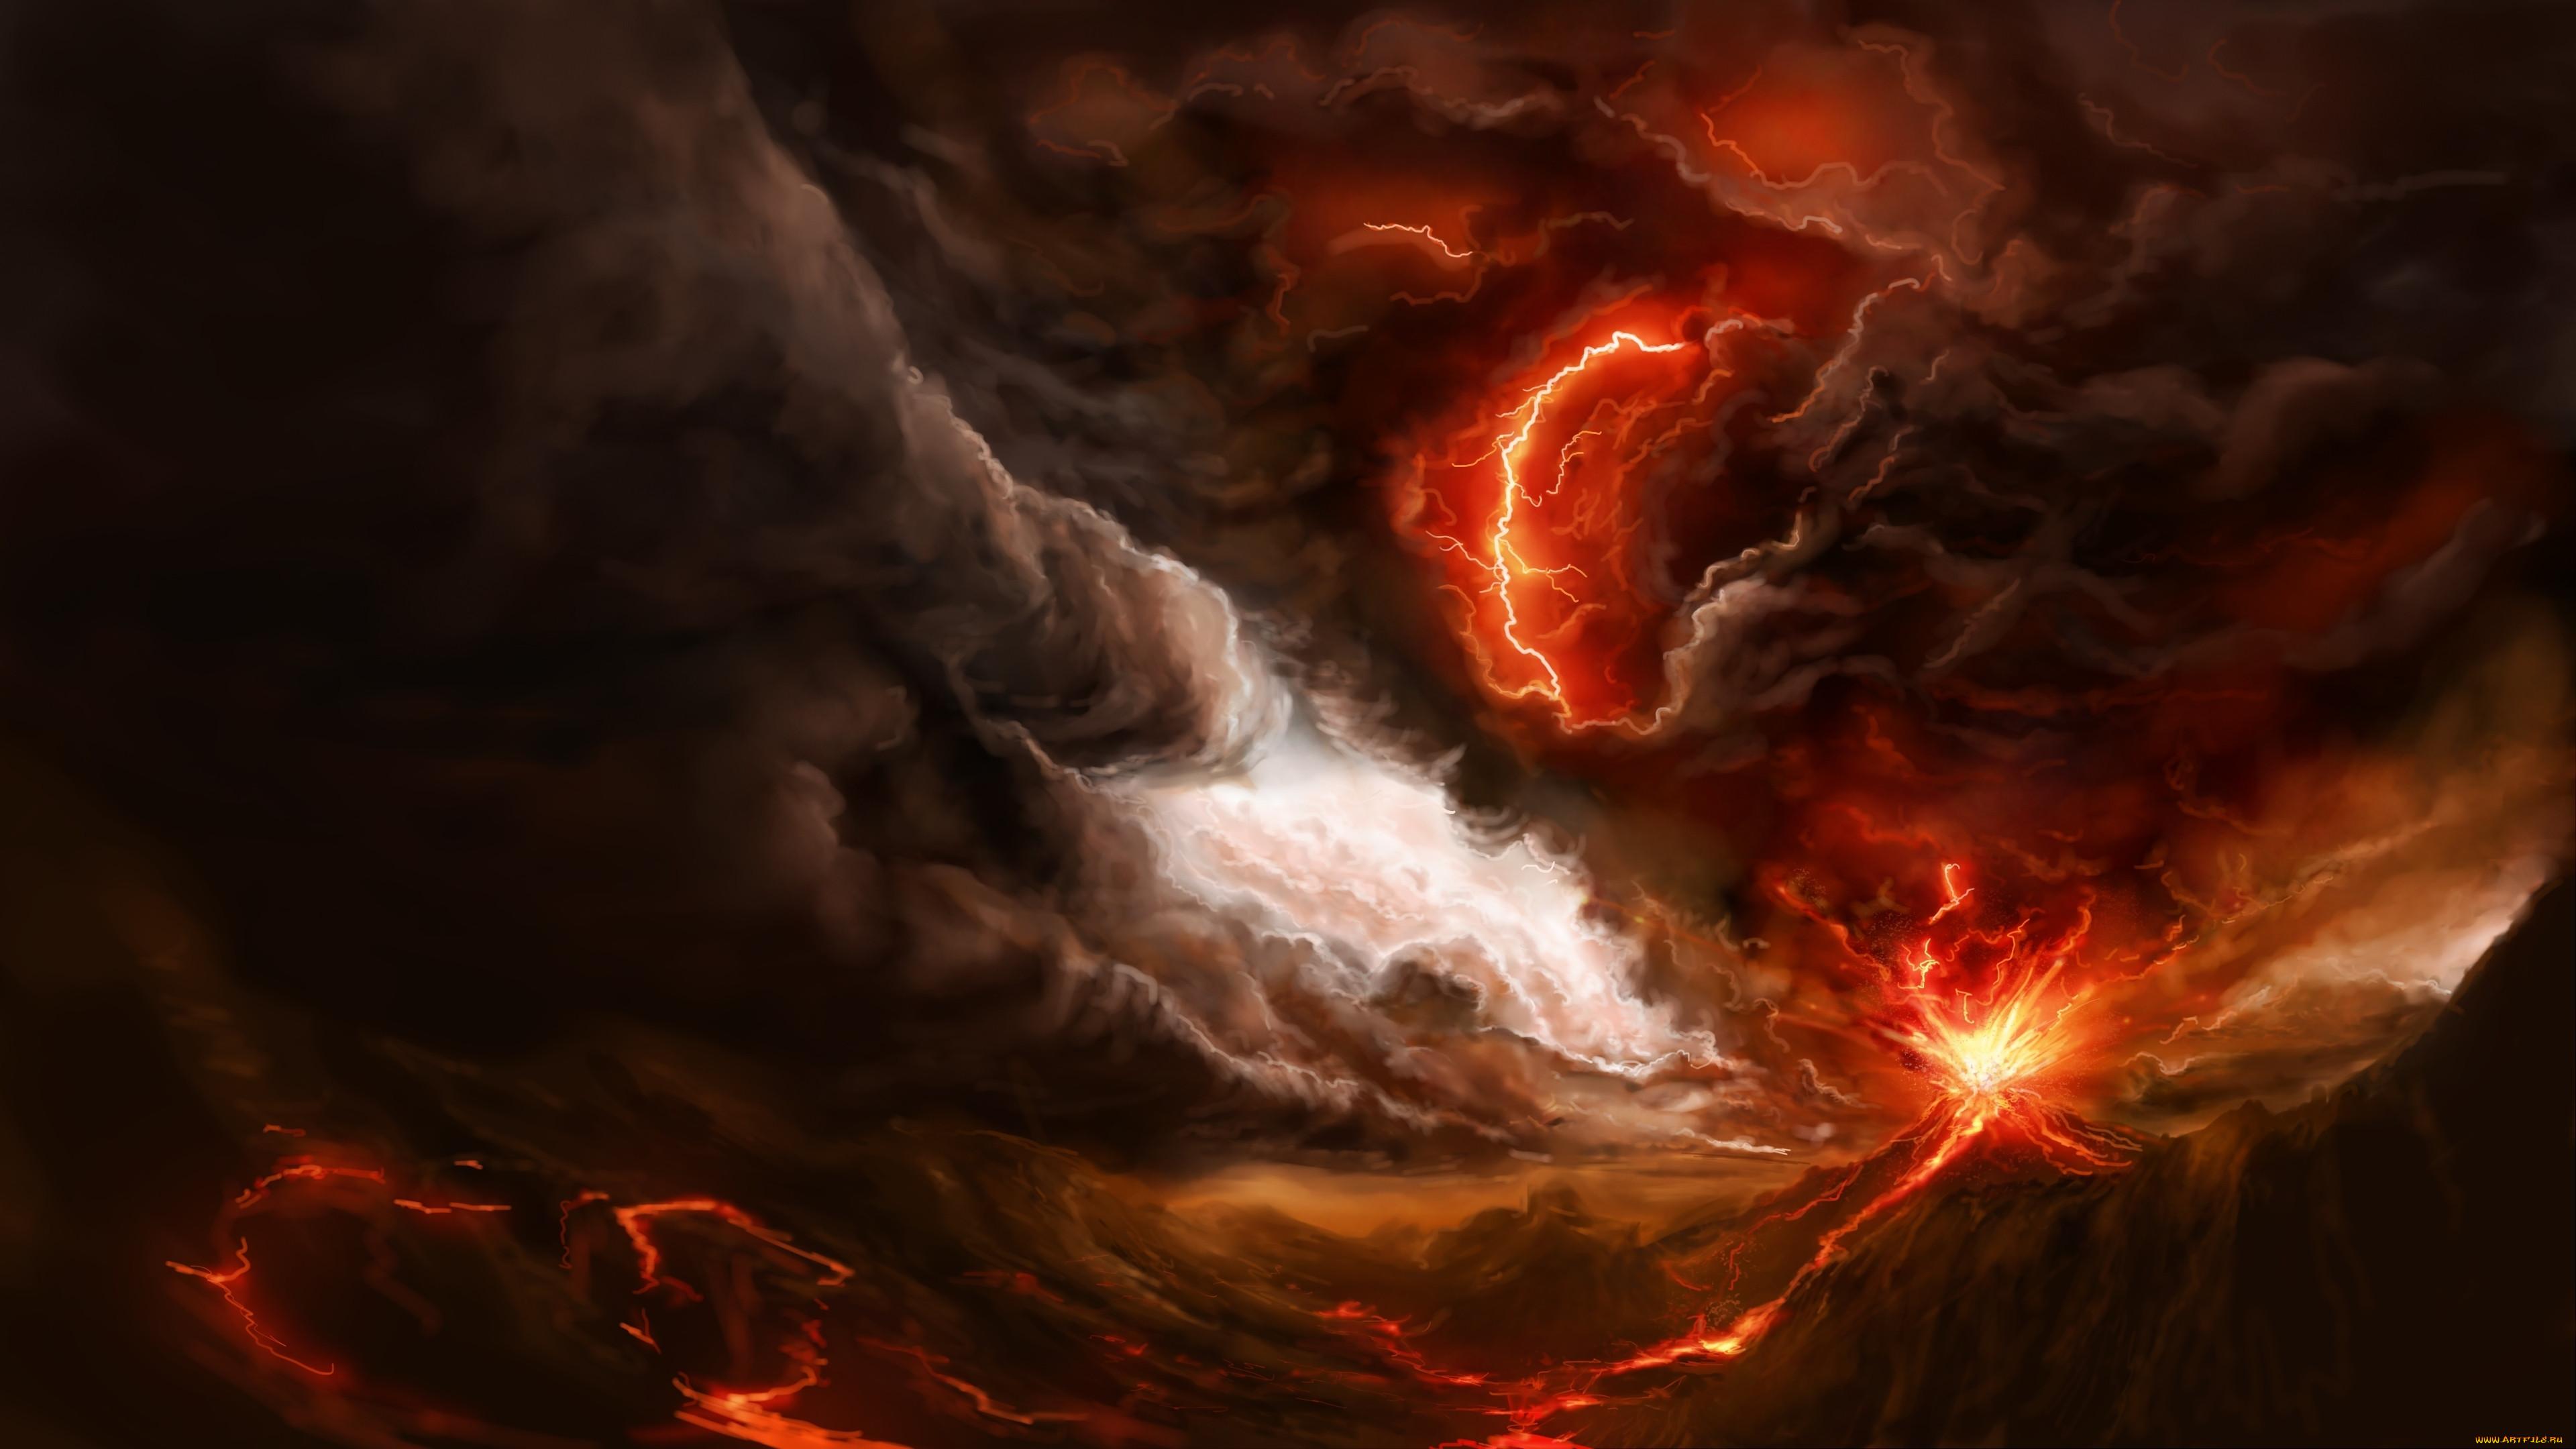 называются картинки молния и огонь распространенная область